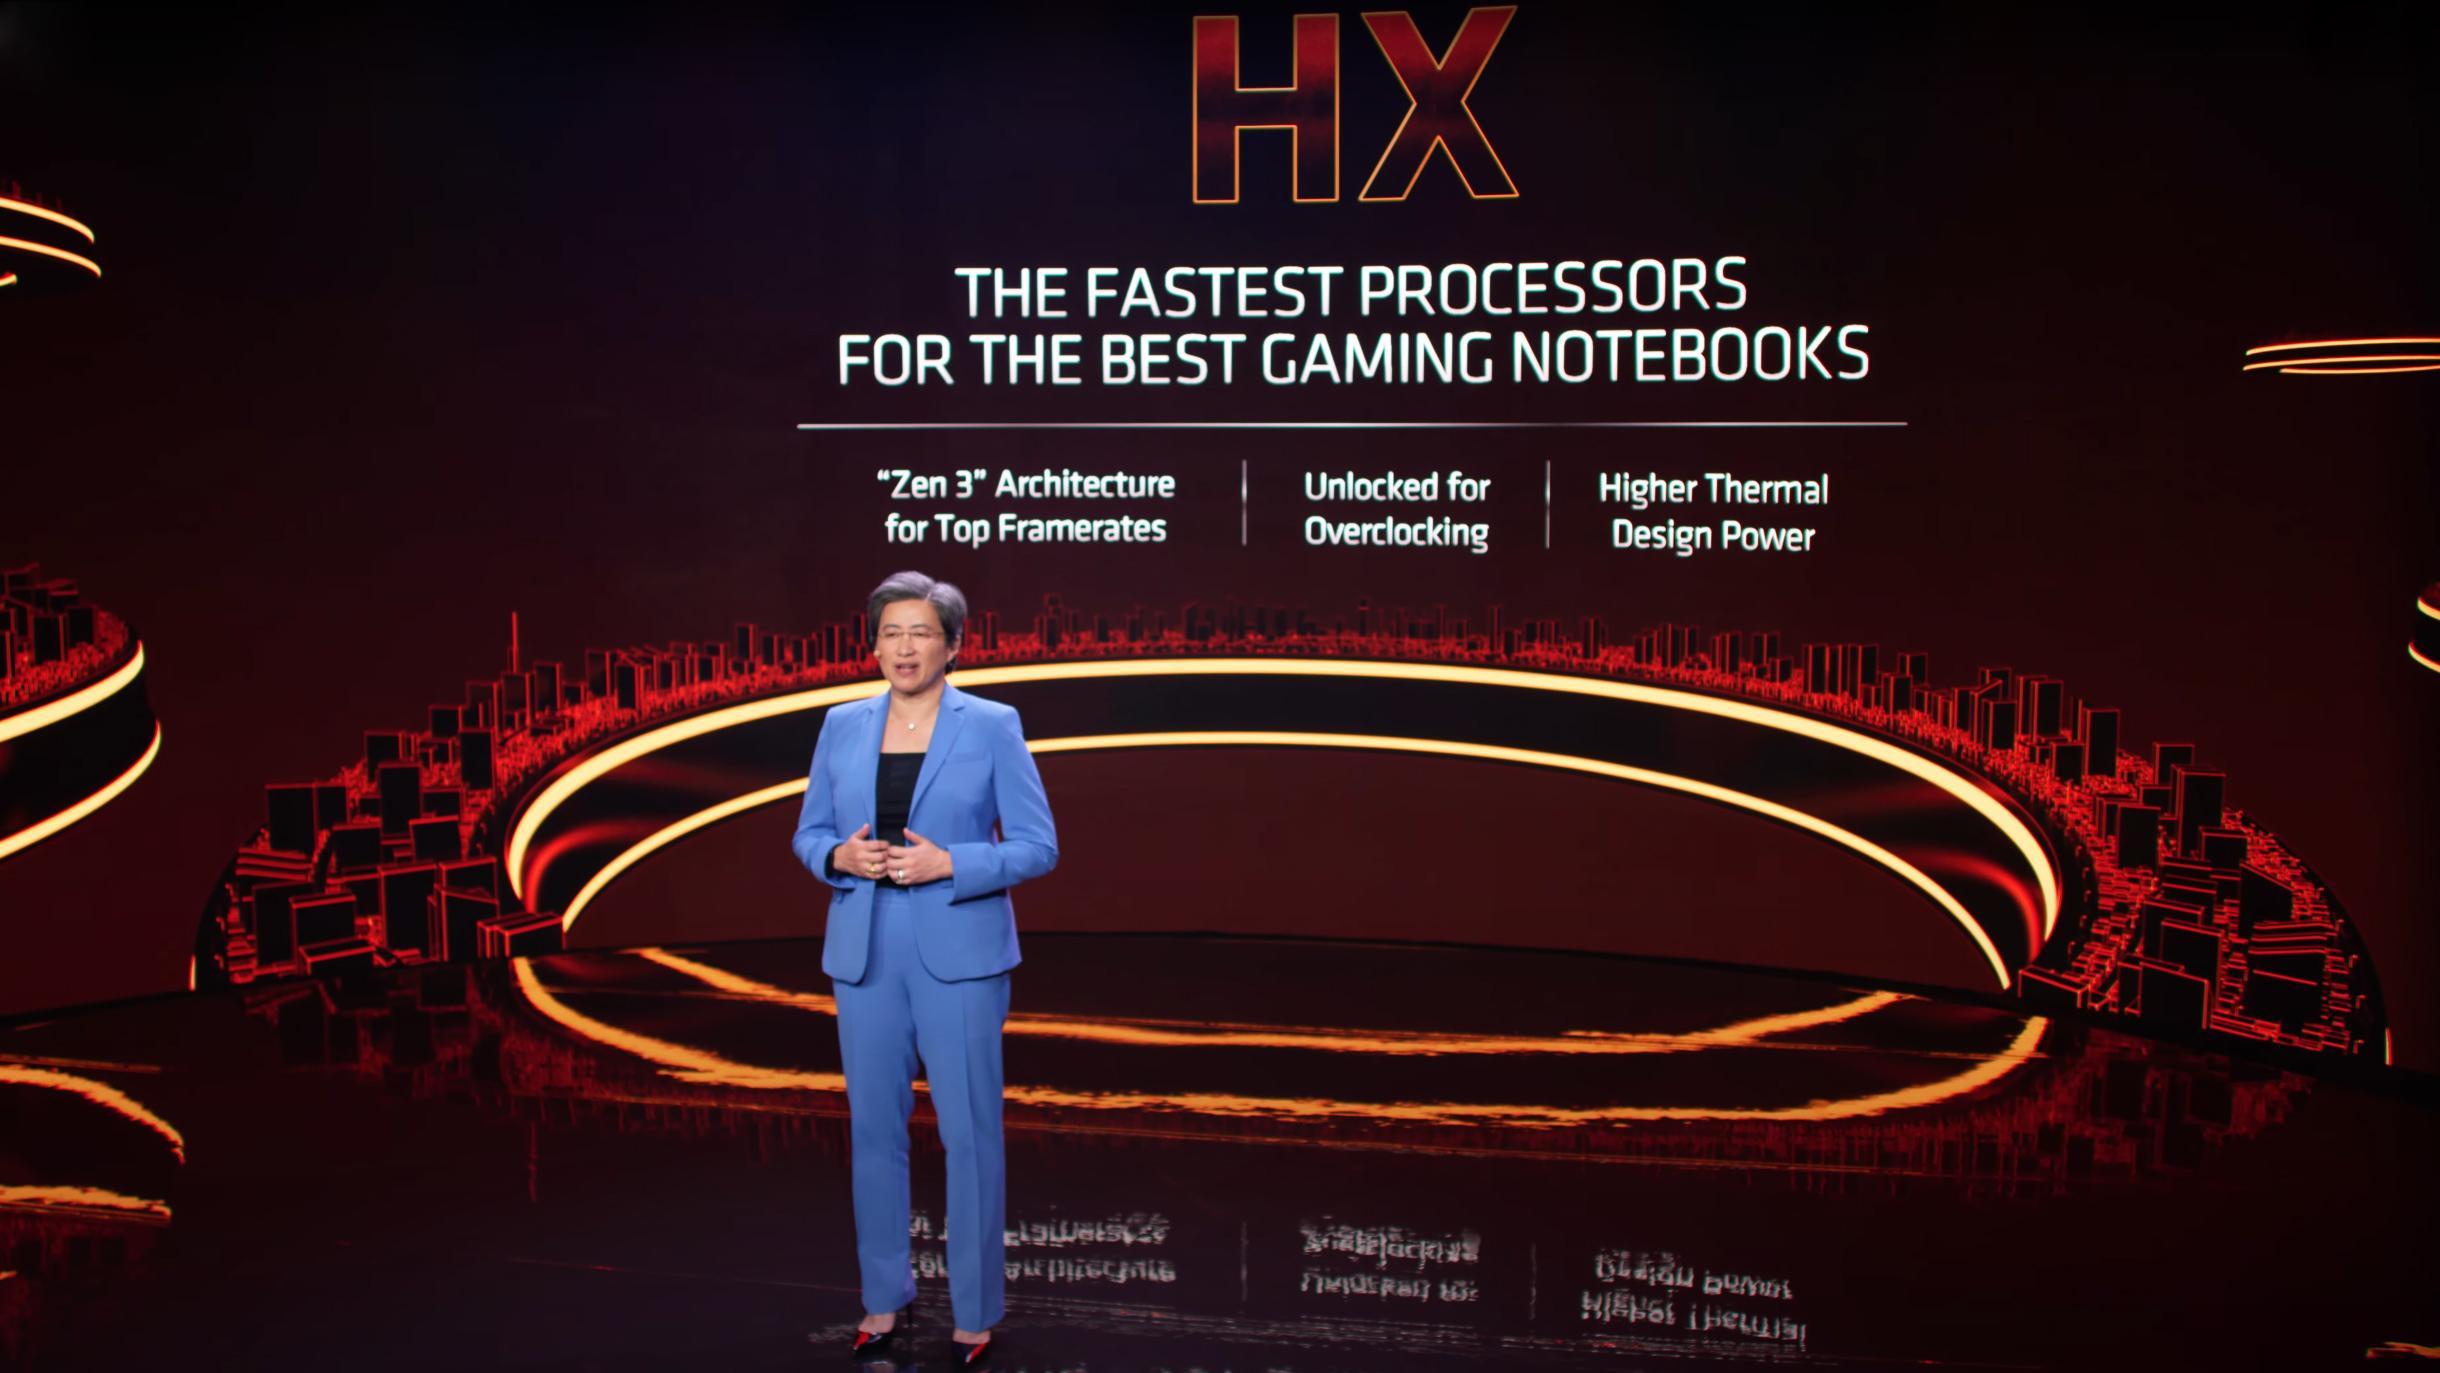 AMDs toppsjef, Lisa Su, presenterer de nye Ryzen 5000HX-prosessorene for spillbærbare under årets CES-messe.